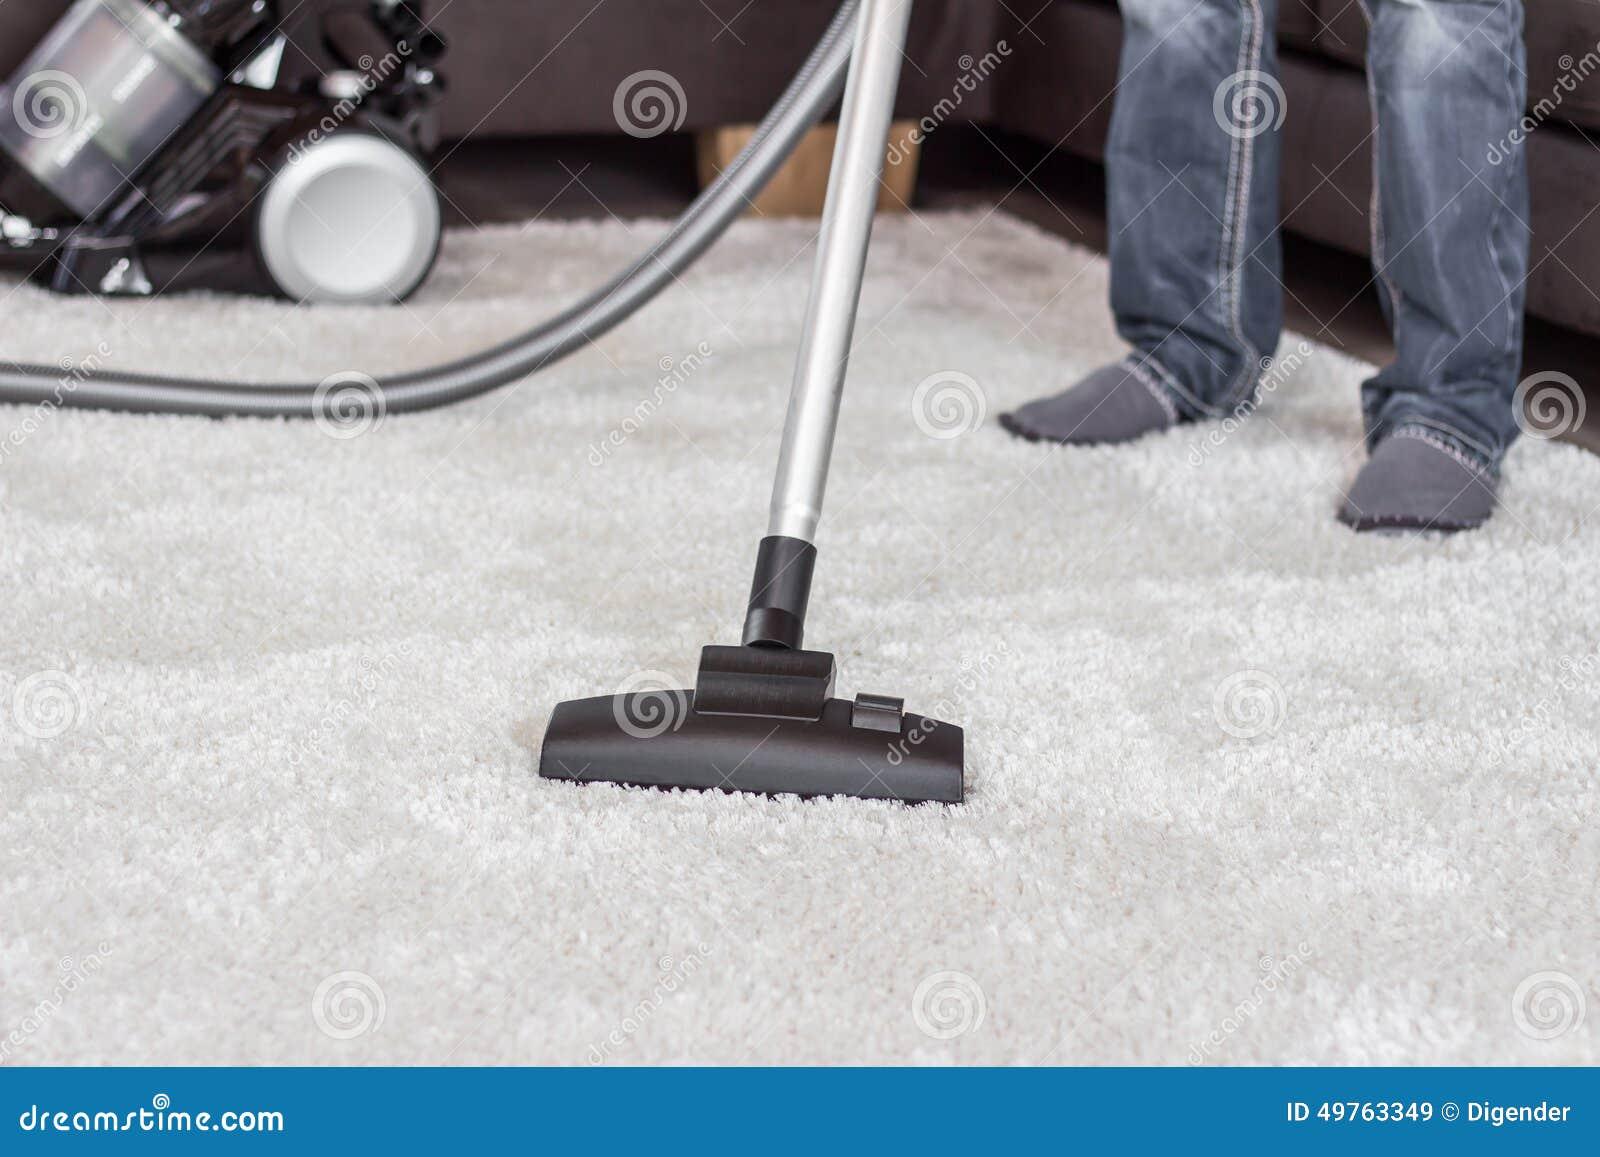 En man gör ren mattan med en dammsugare